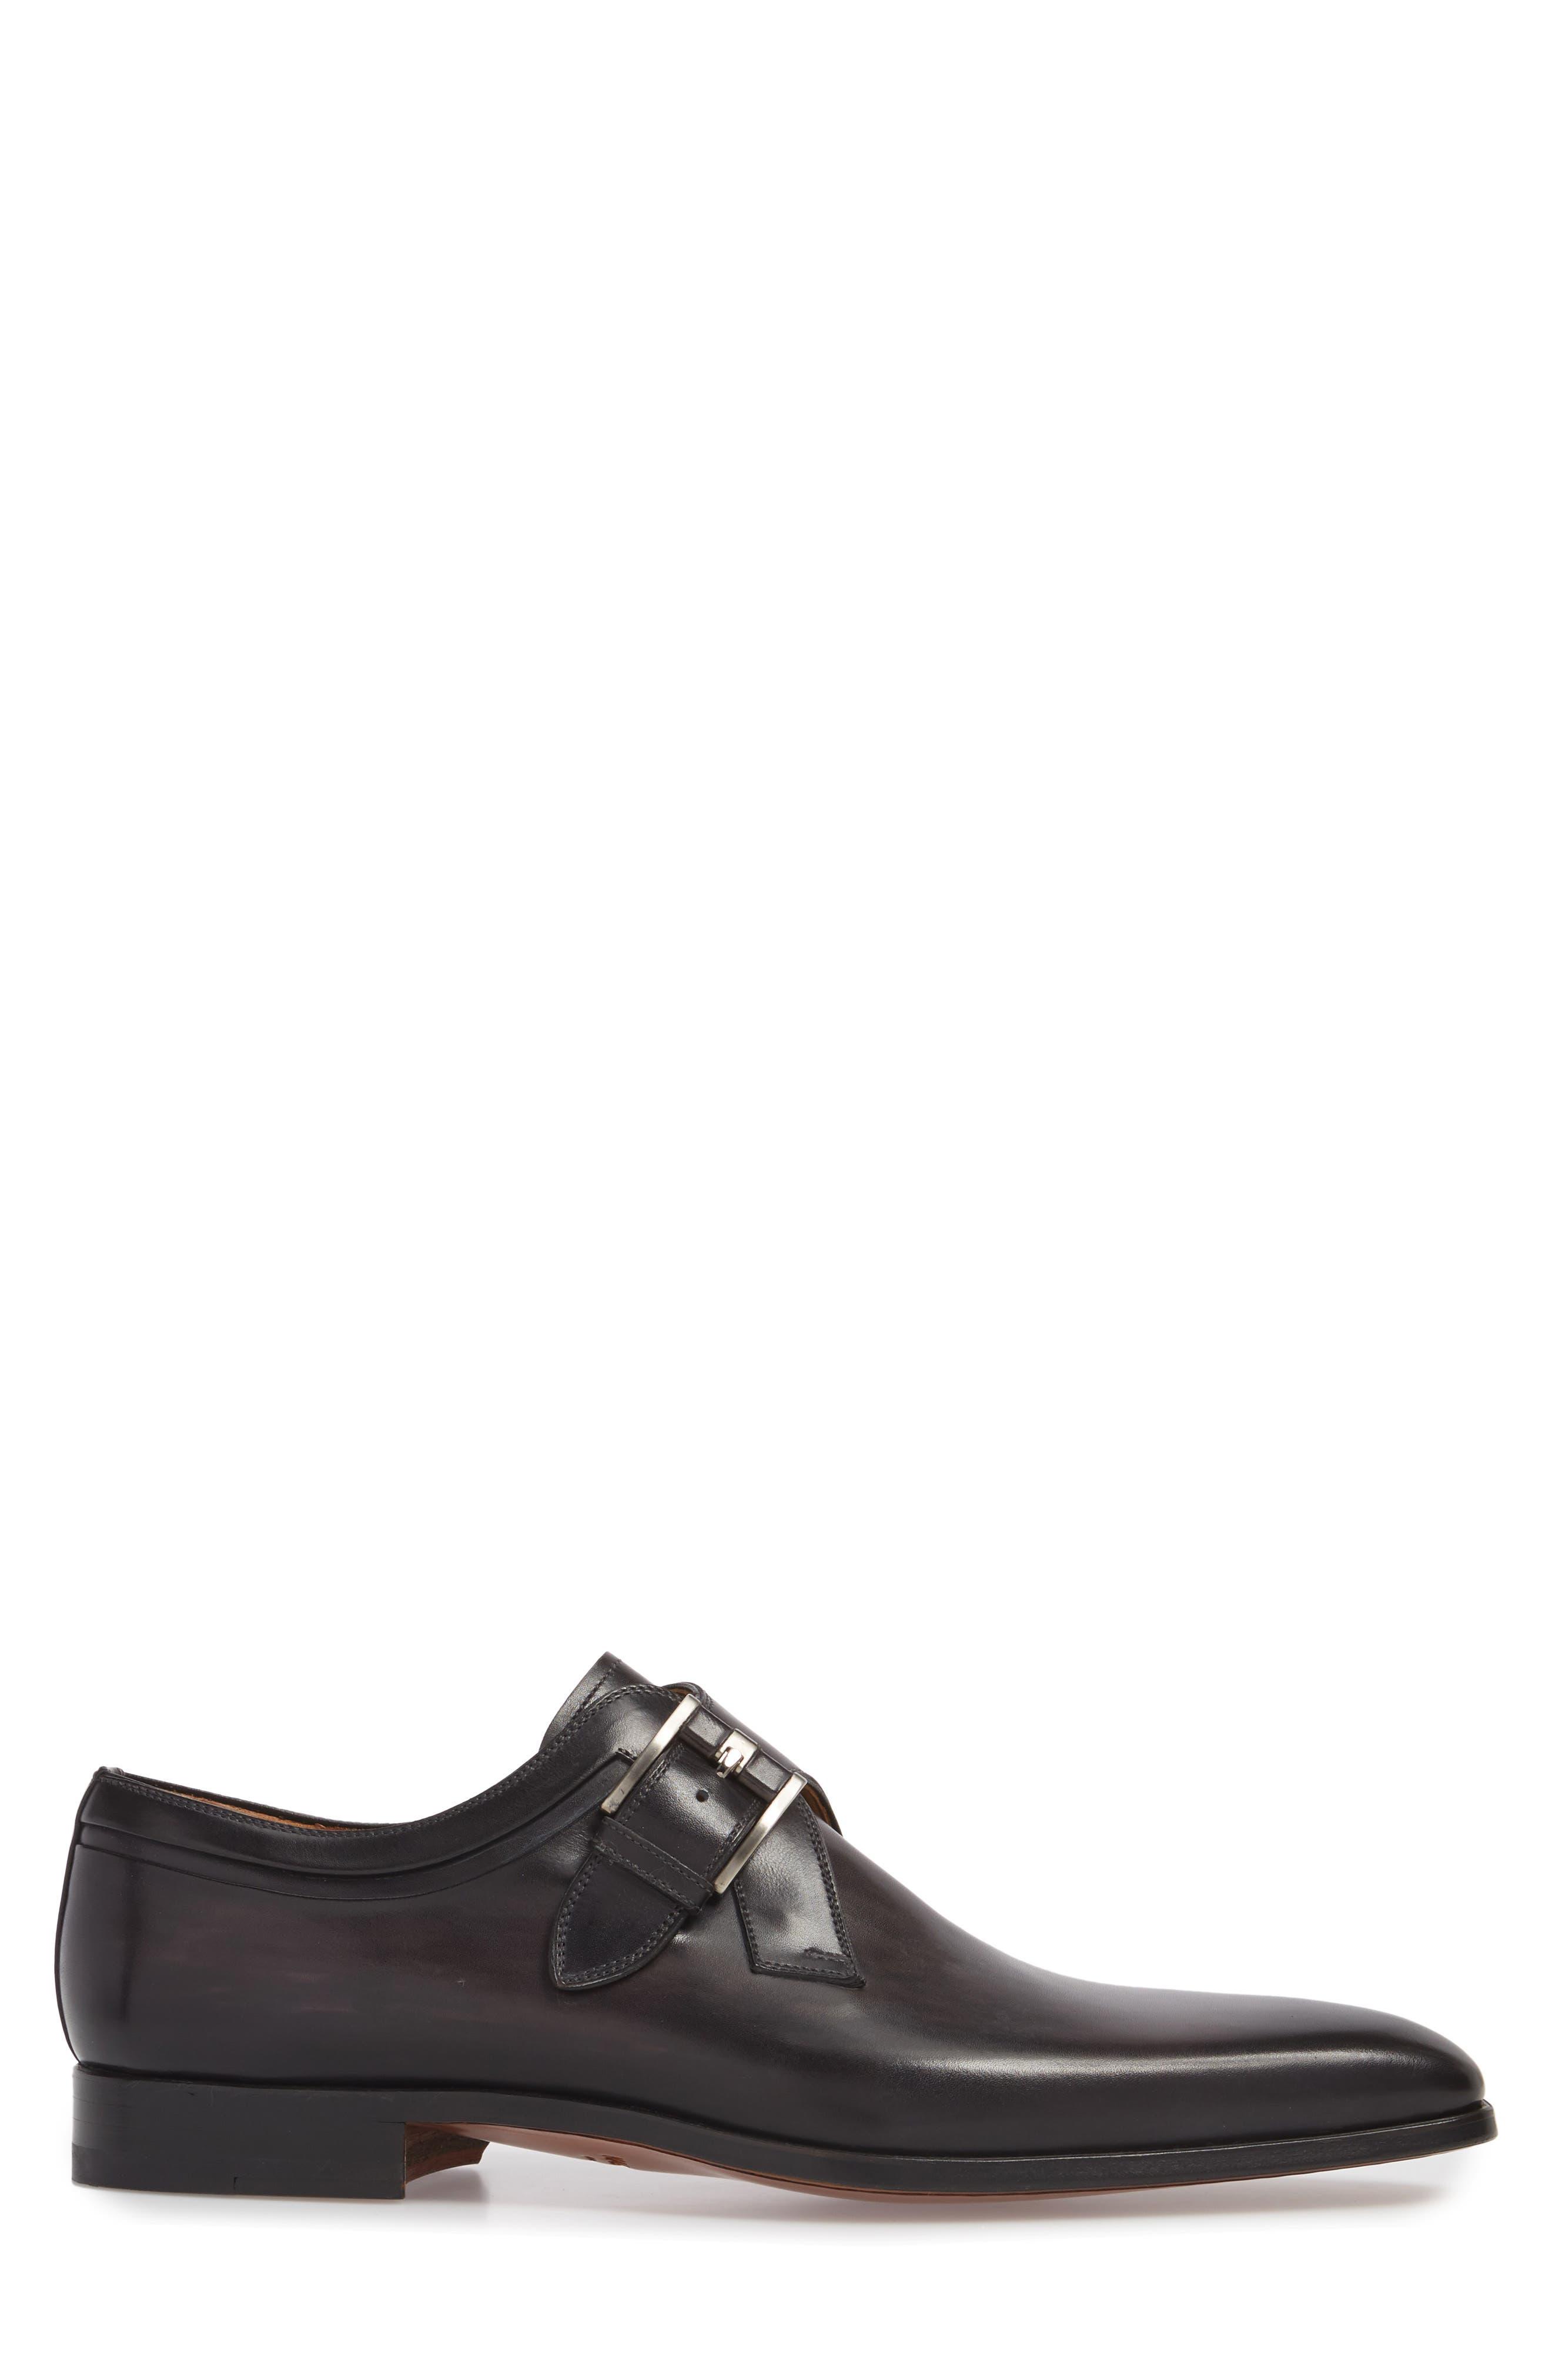 Toma Single Buckle Monk Shoe,                             Alternate thumbnail 3, color,                             020